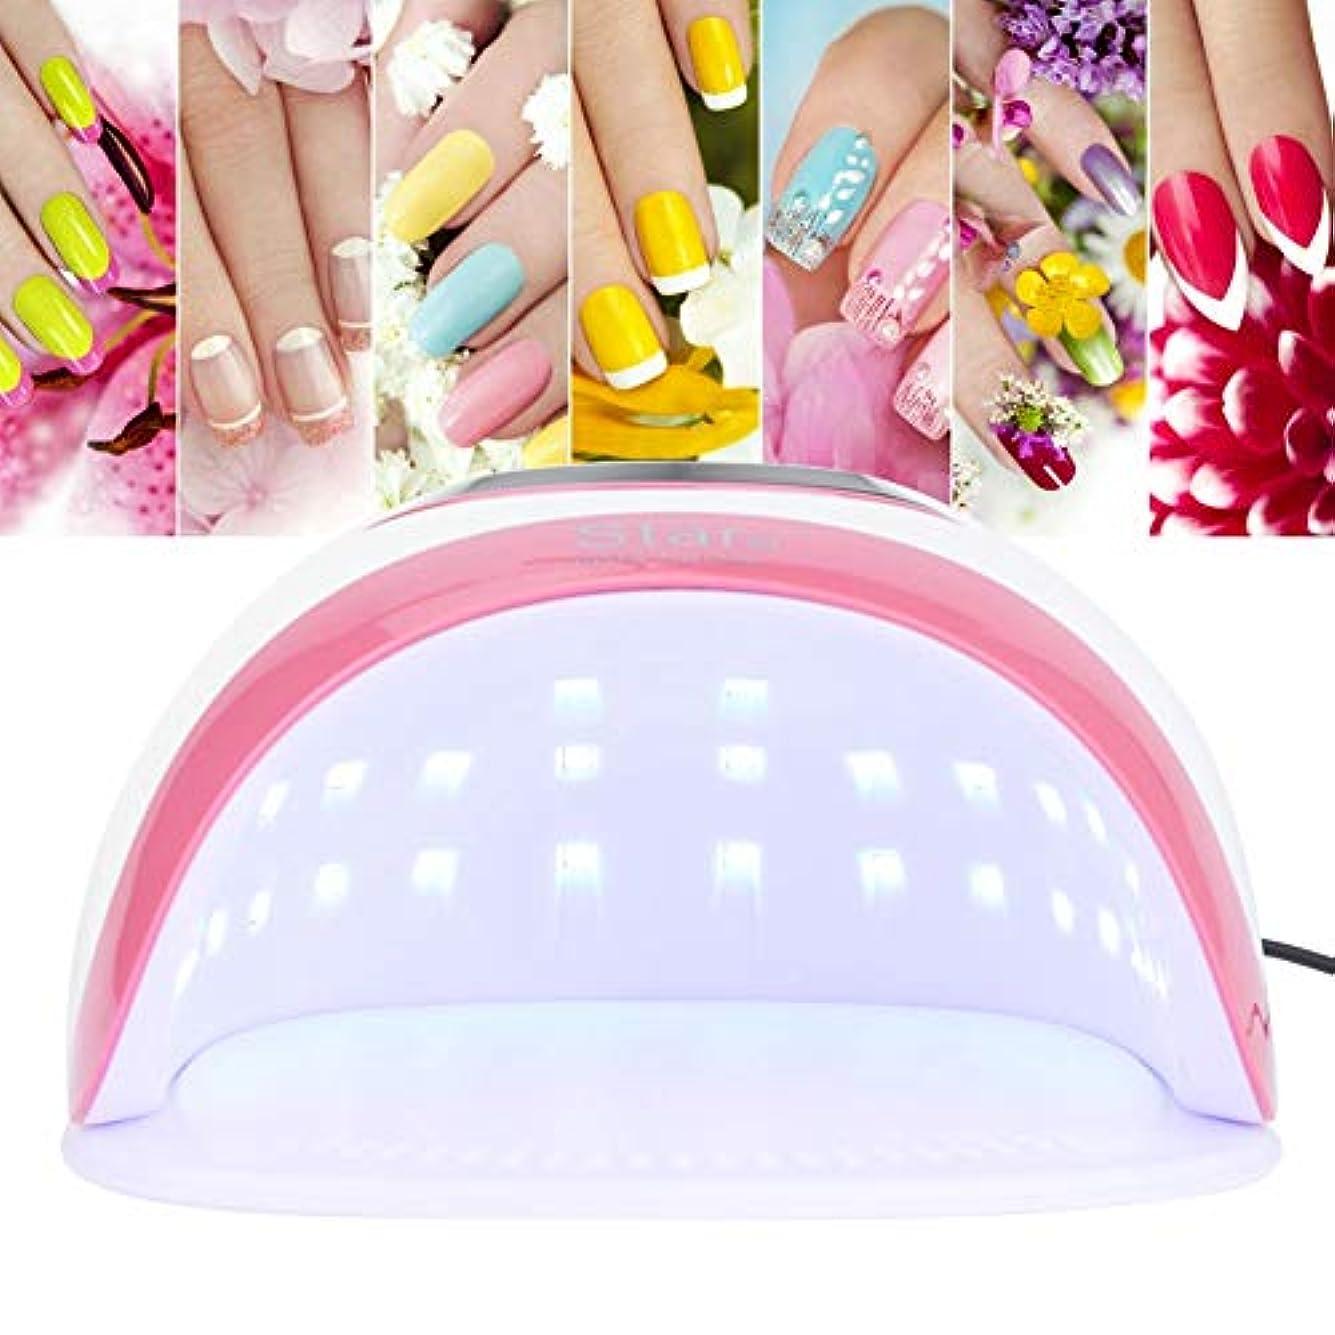 雨の厳密に抽象48W ネイルアートランプ、ネイルドライヤー LED UVネイルジェル硬化ライト、ネイルジェルポリッシュ高速乾燥機用(01)